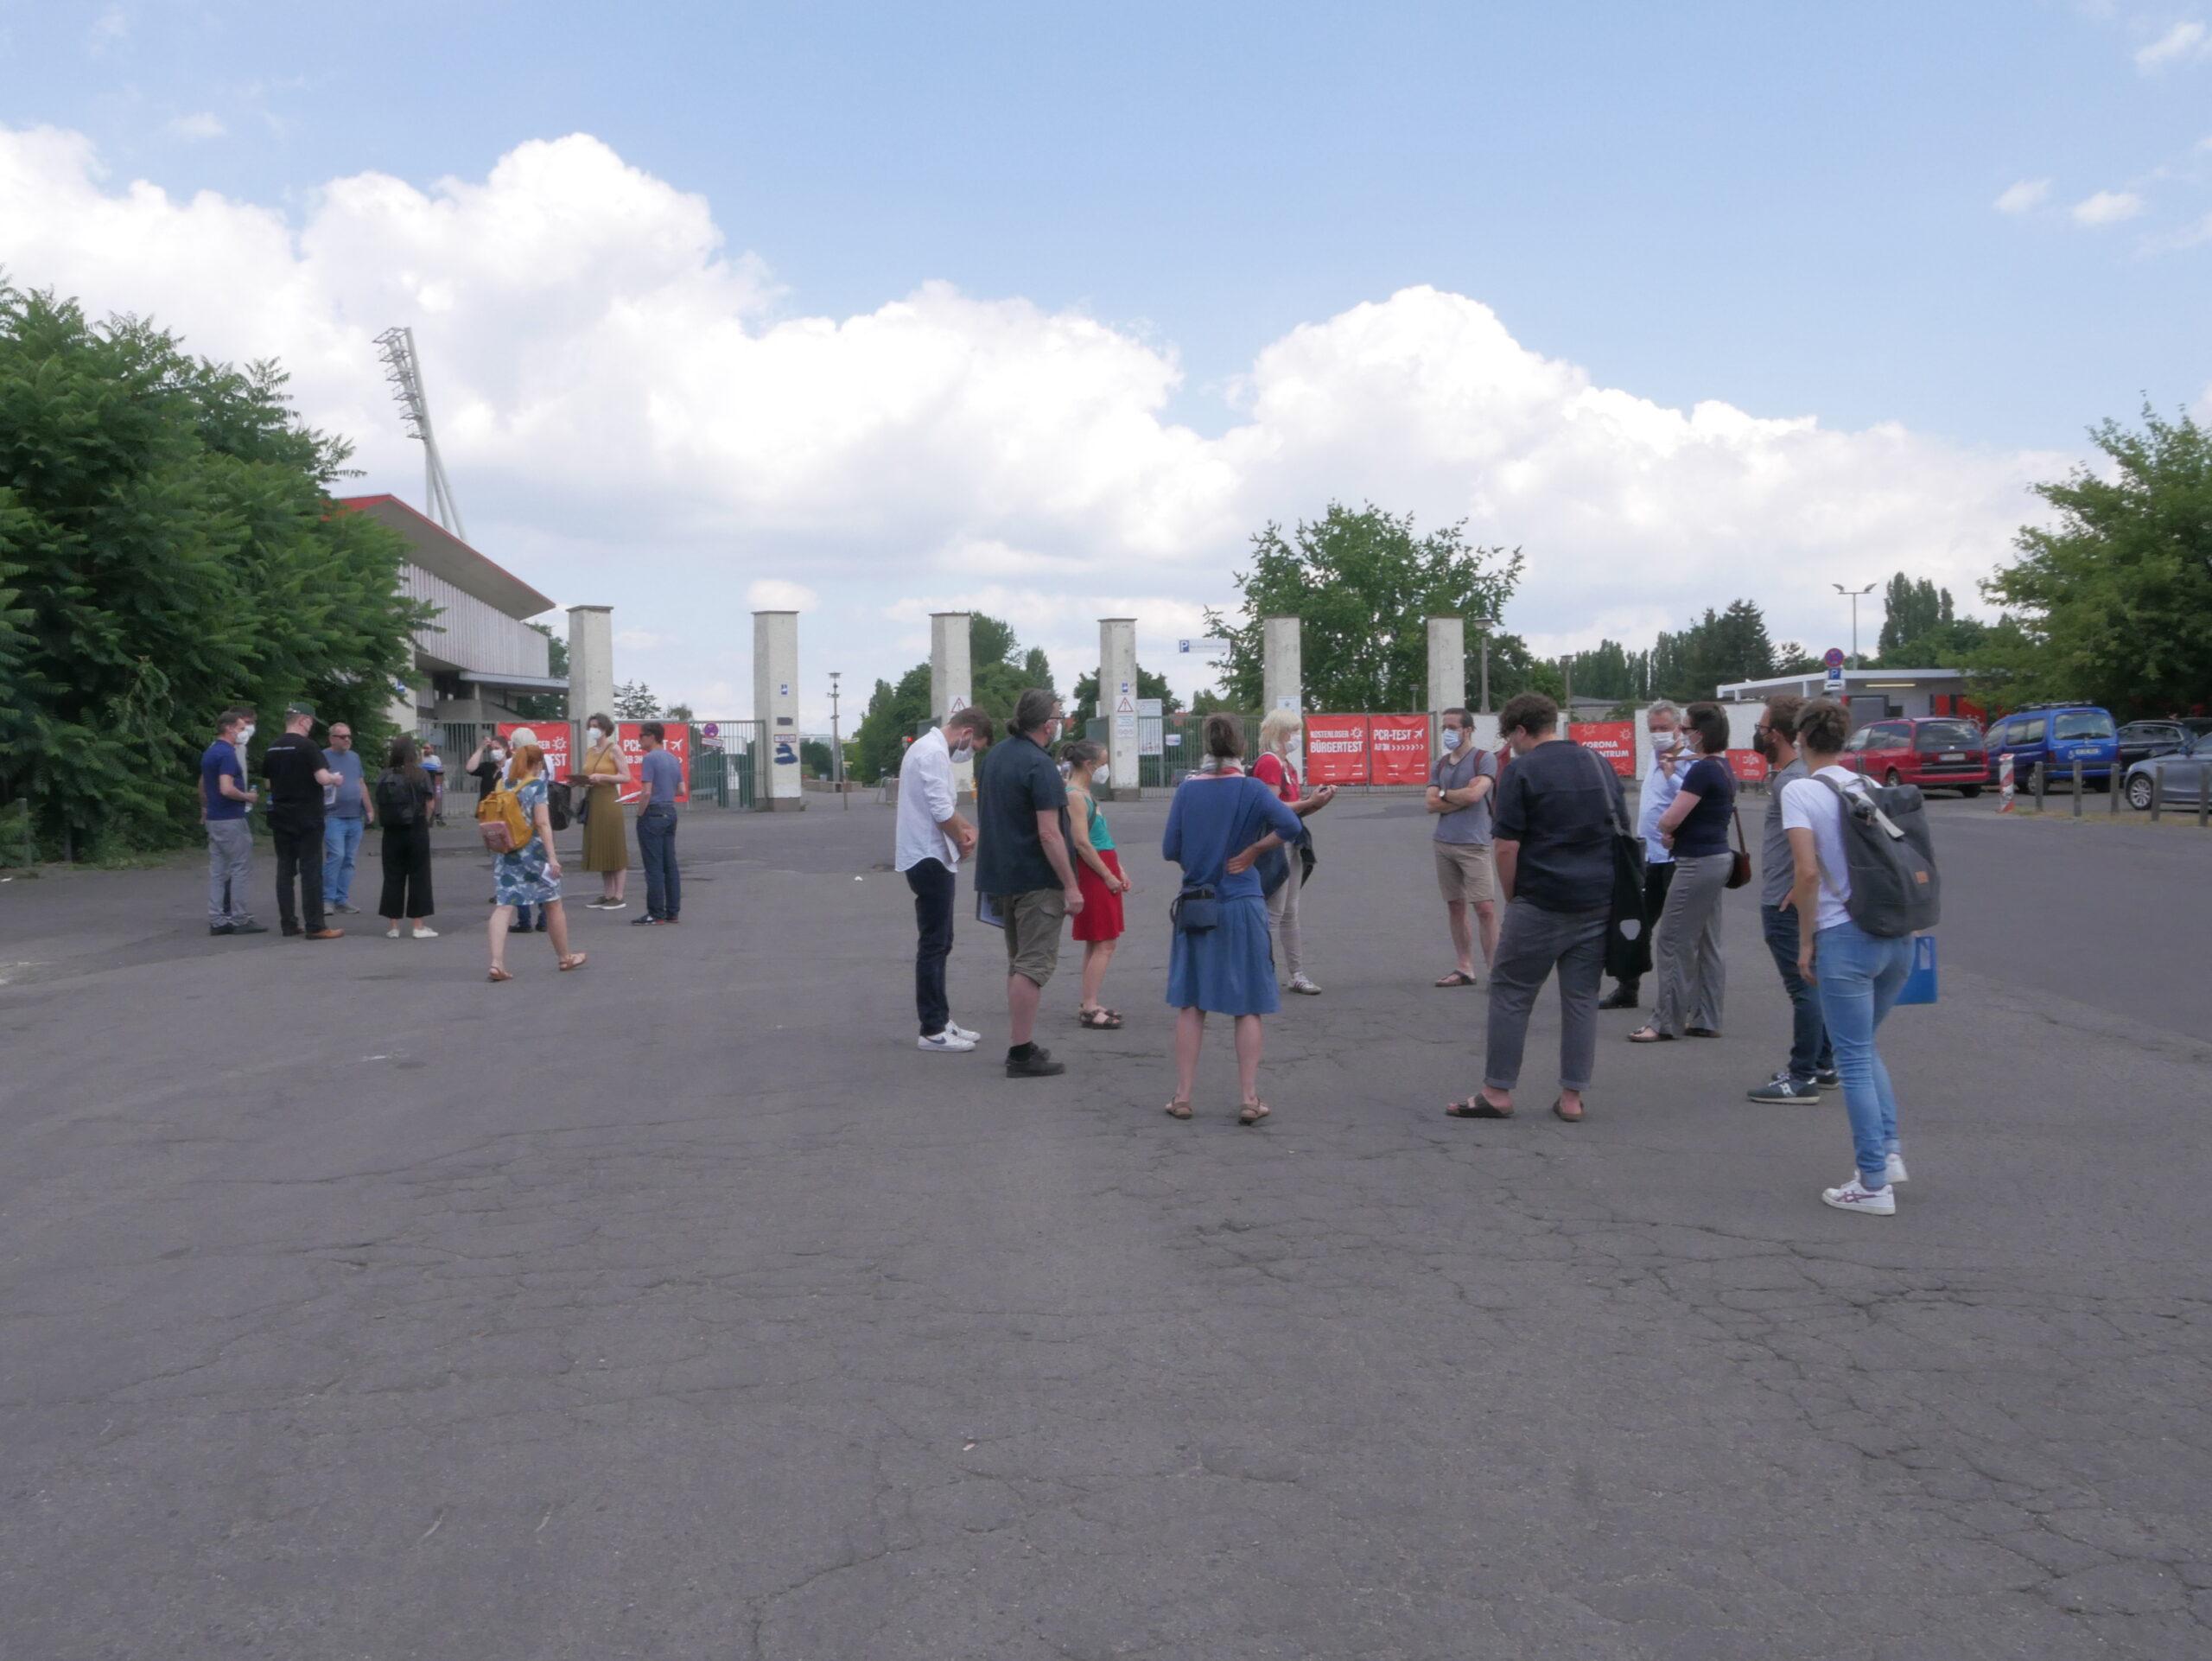 Bürger*innen warten am Eingang des Sportparks